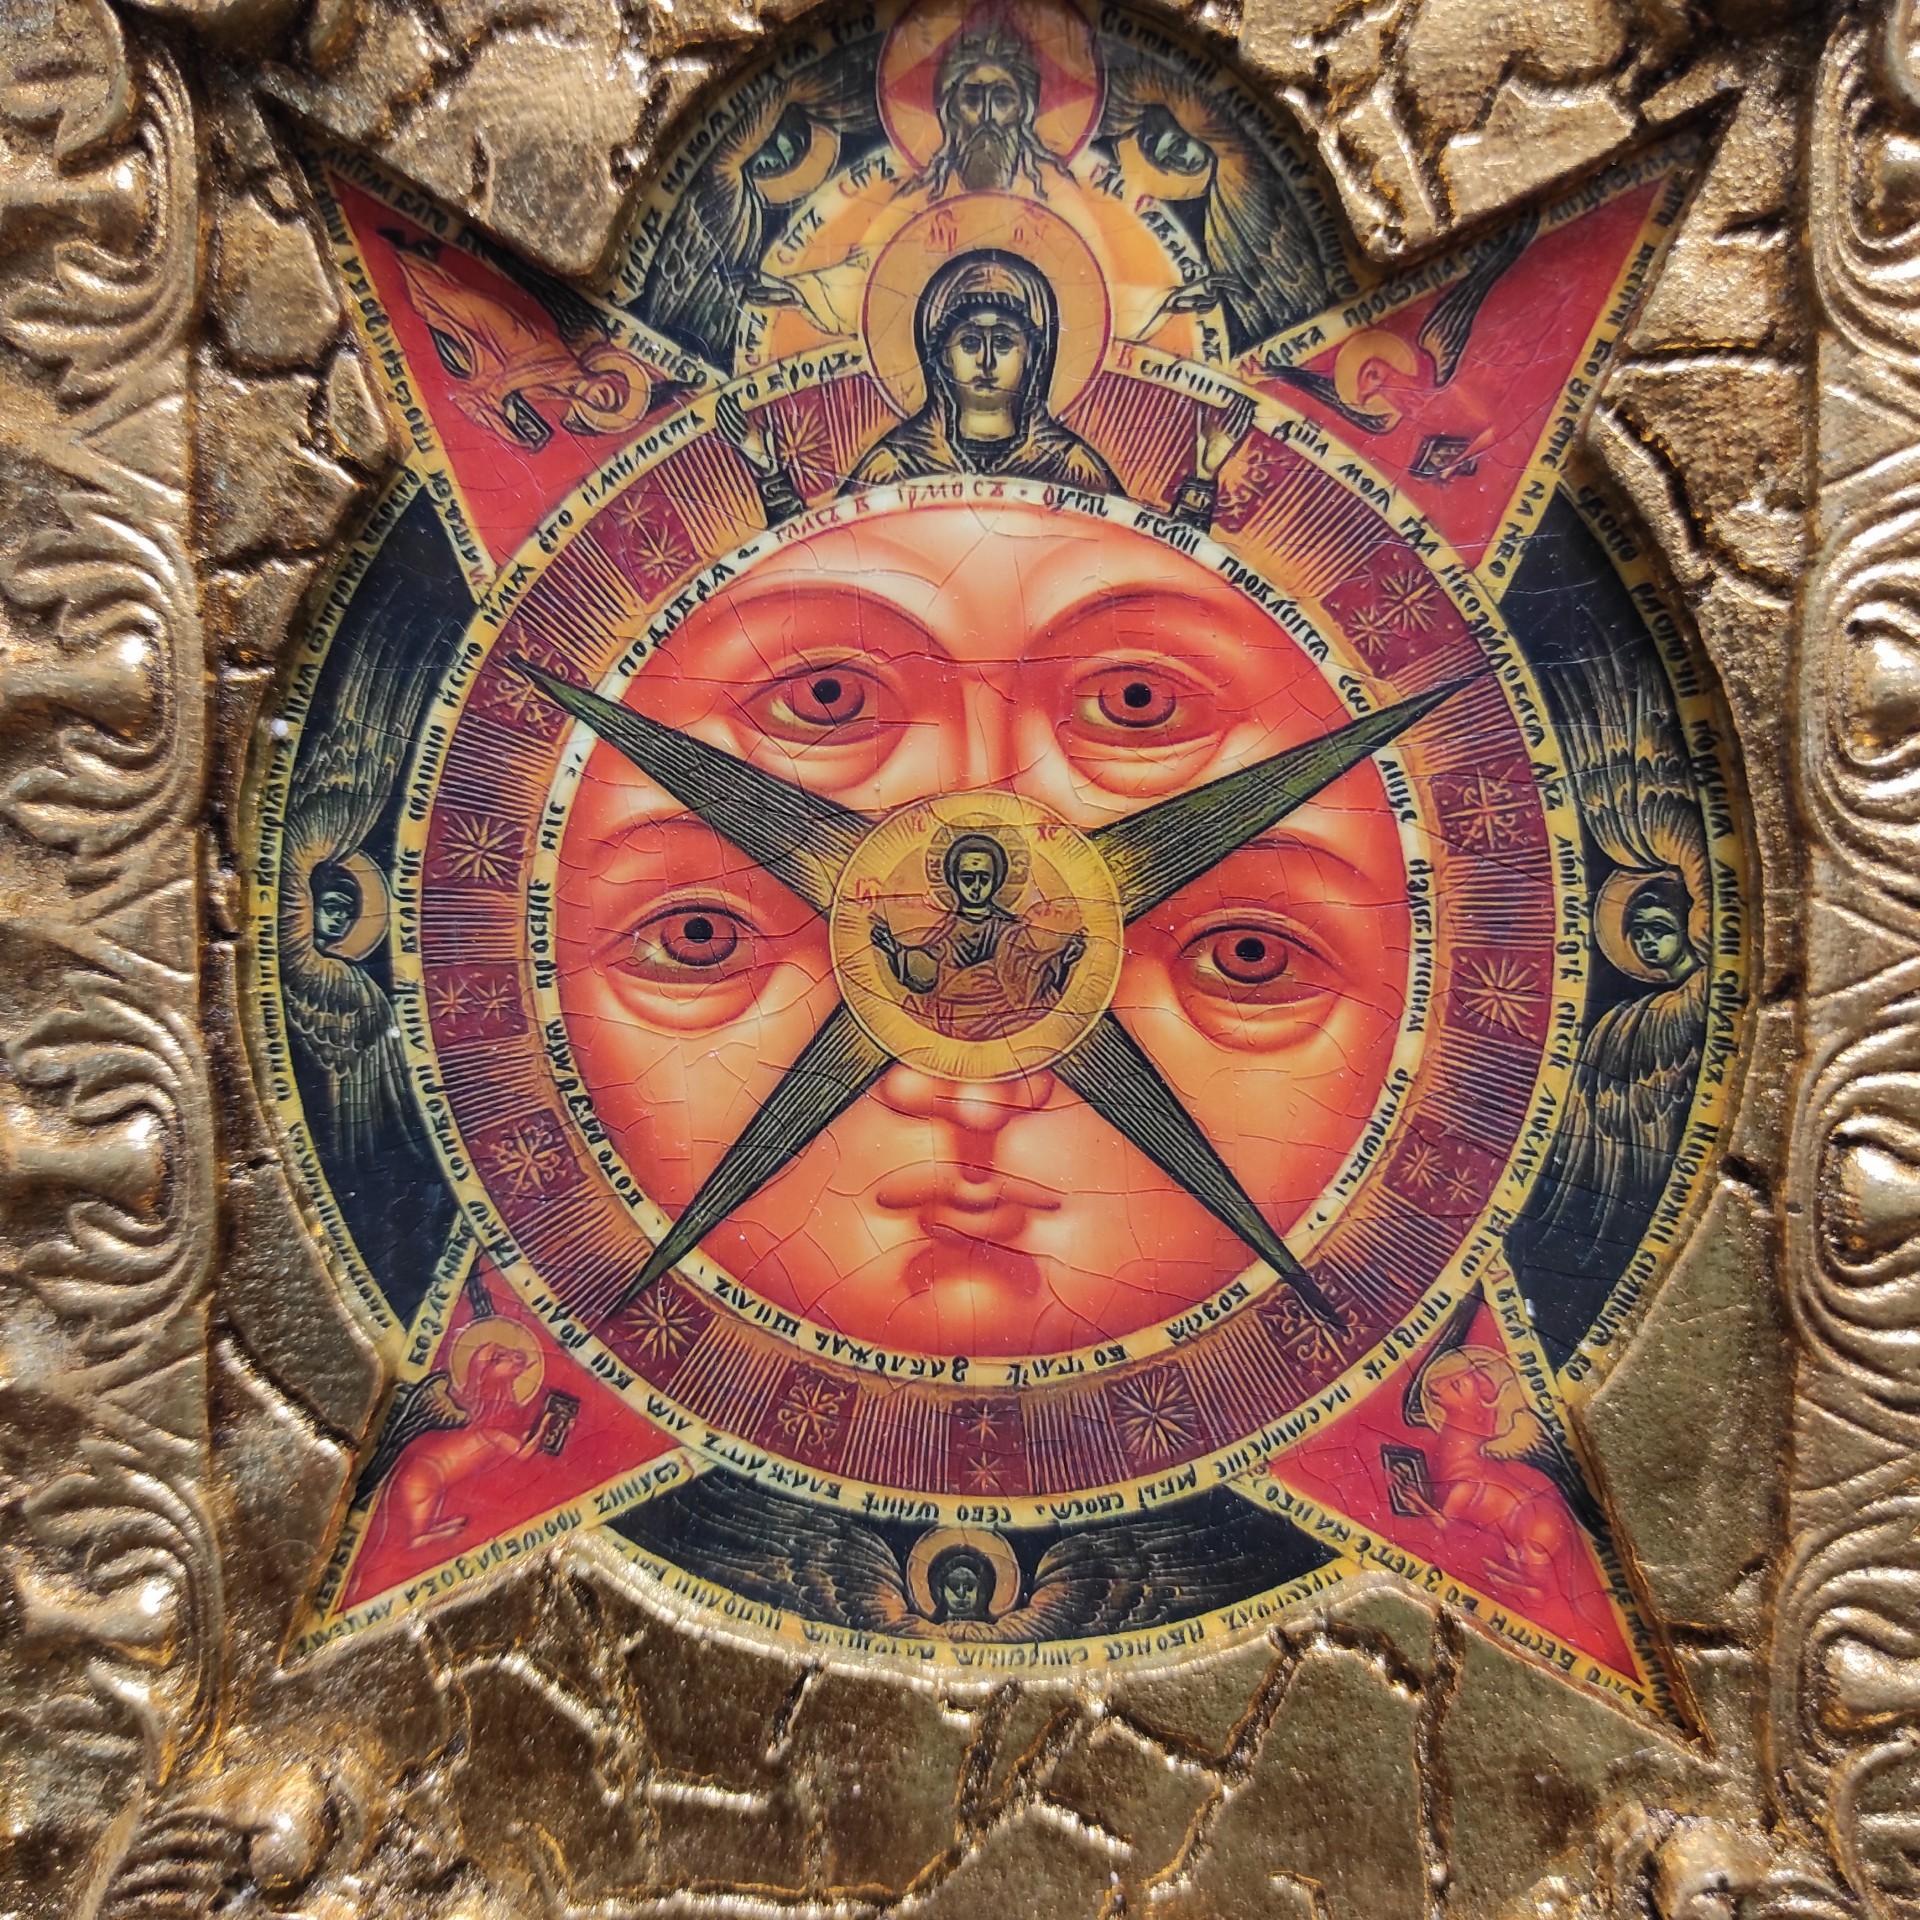 Фото лика подарочной иконы Всевидящее око с камнями на подставке в футляре размером 14 на 19 см